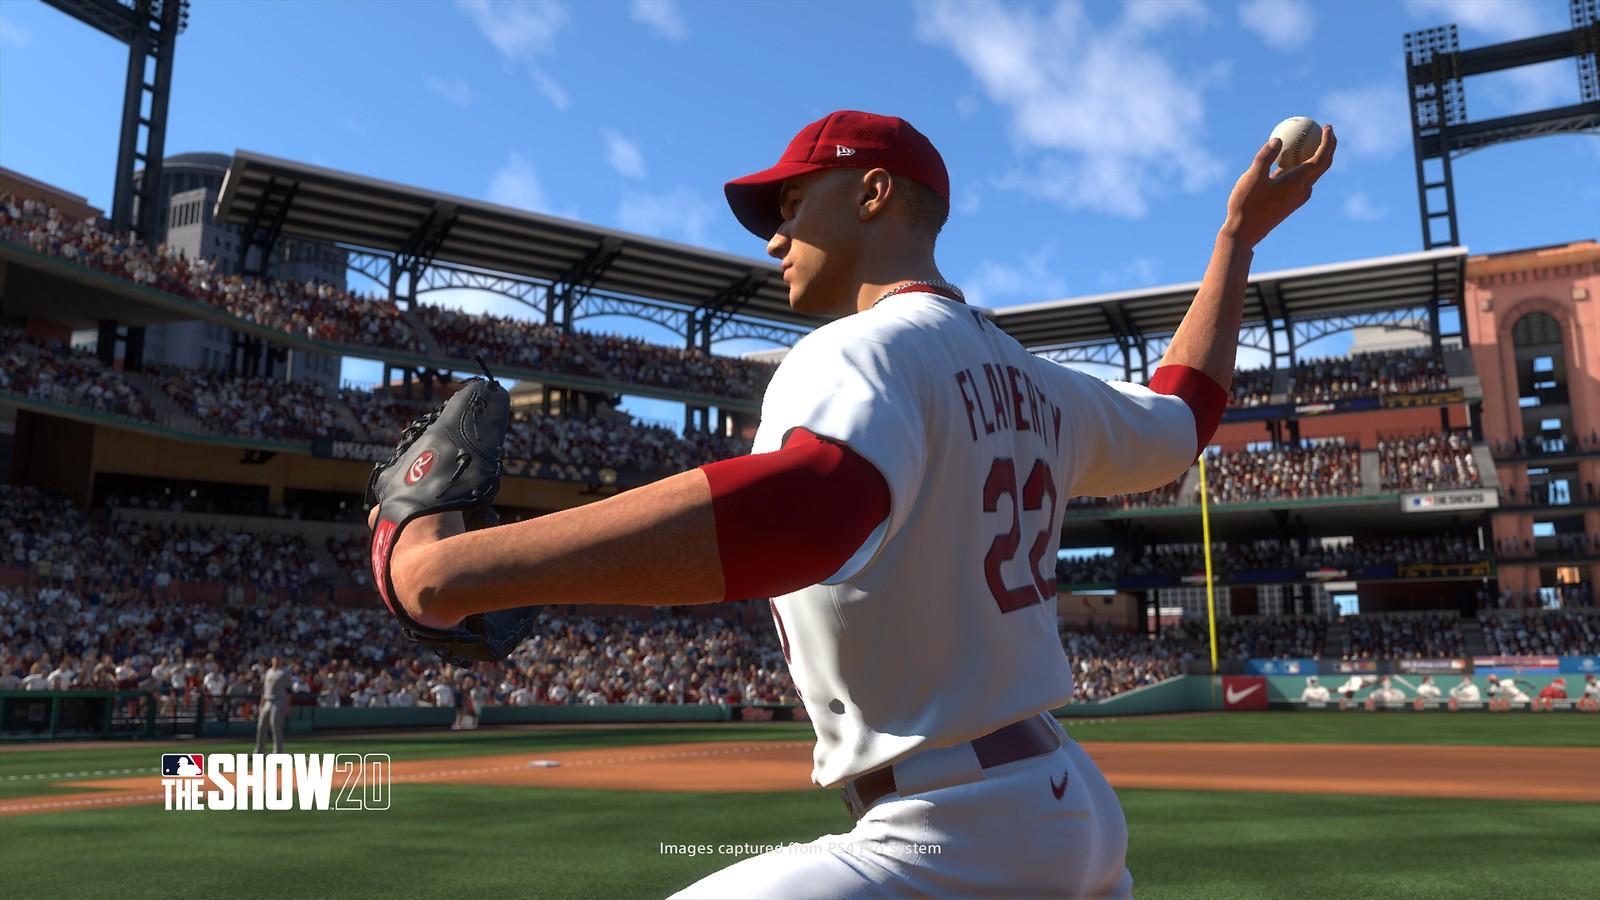 49667118627 55e6360cc1 h - MLB The Show 20 erscheint heute für PS4 – jetzt 10 Features und Tipps lesen